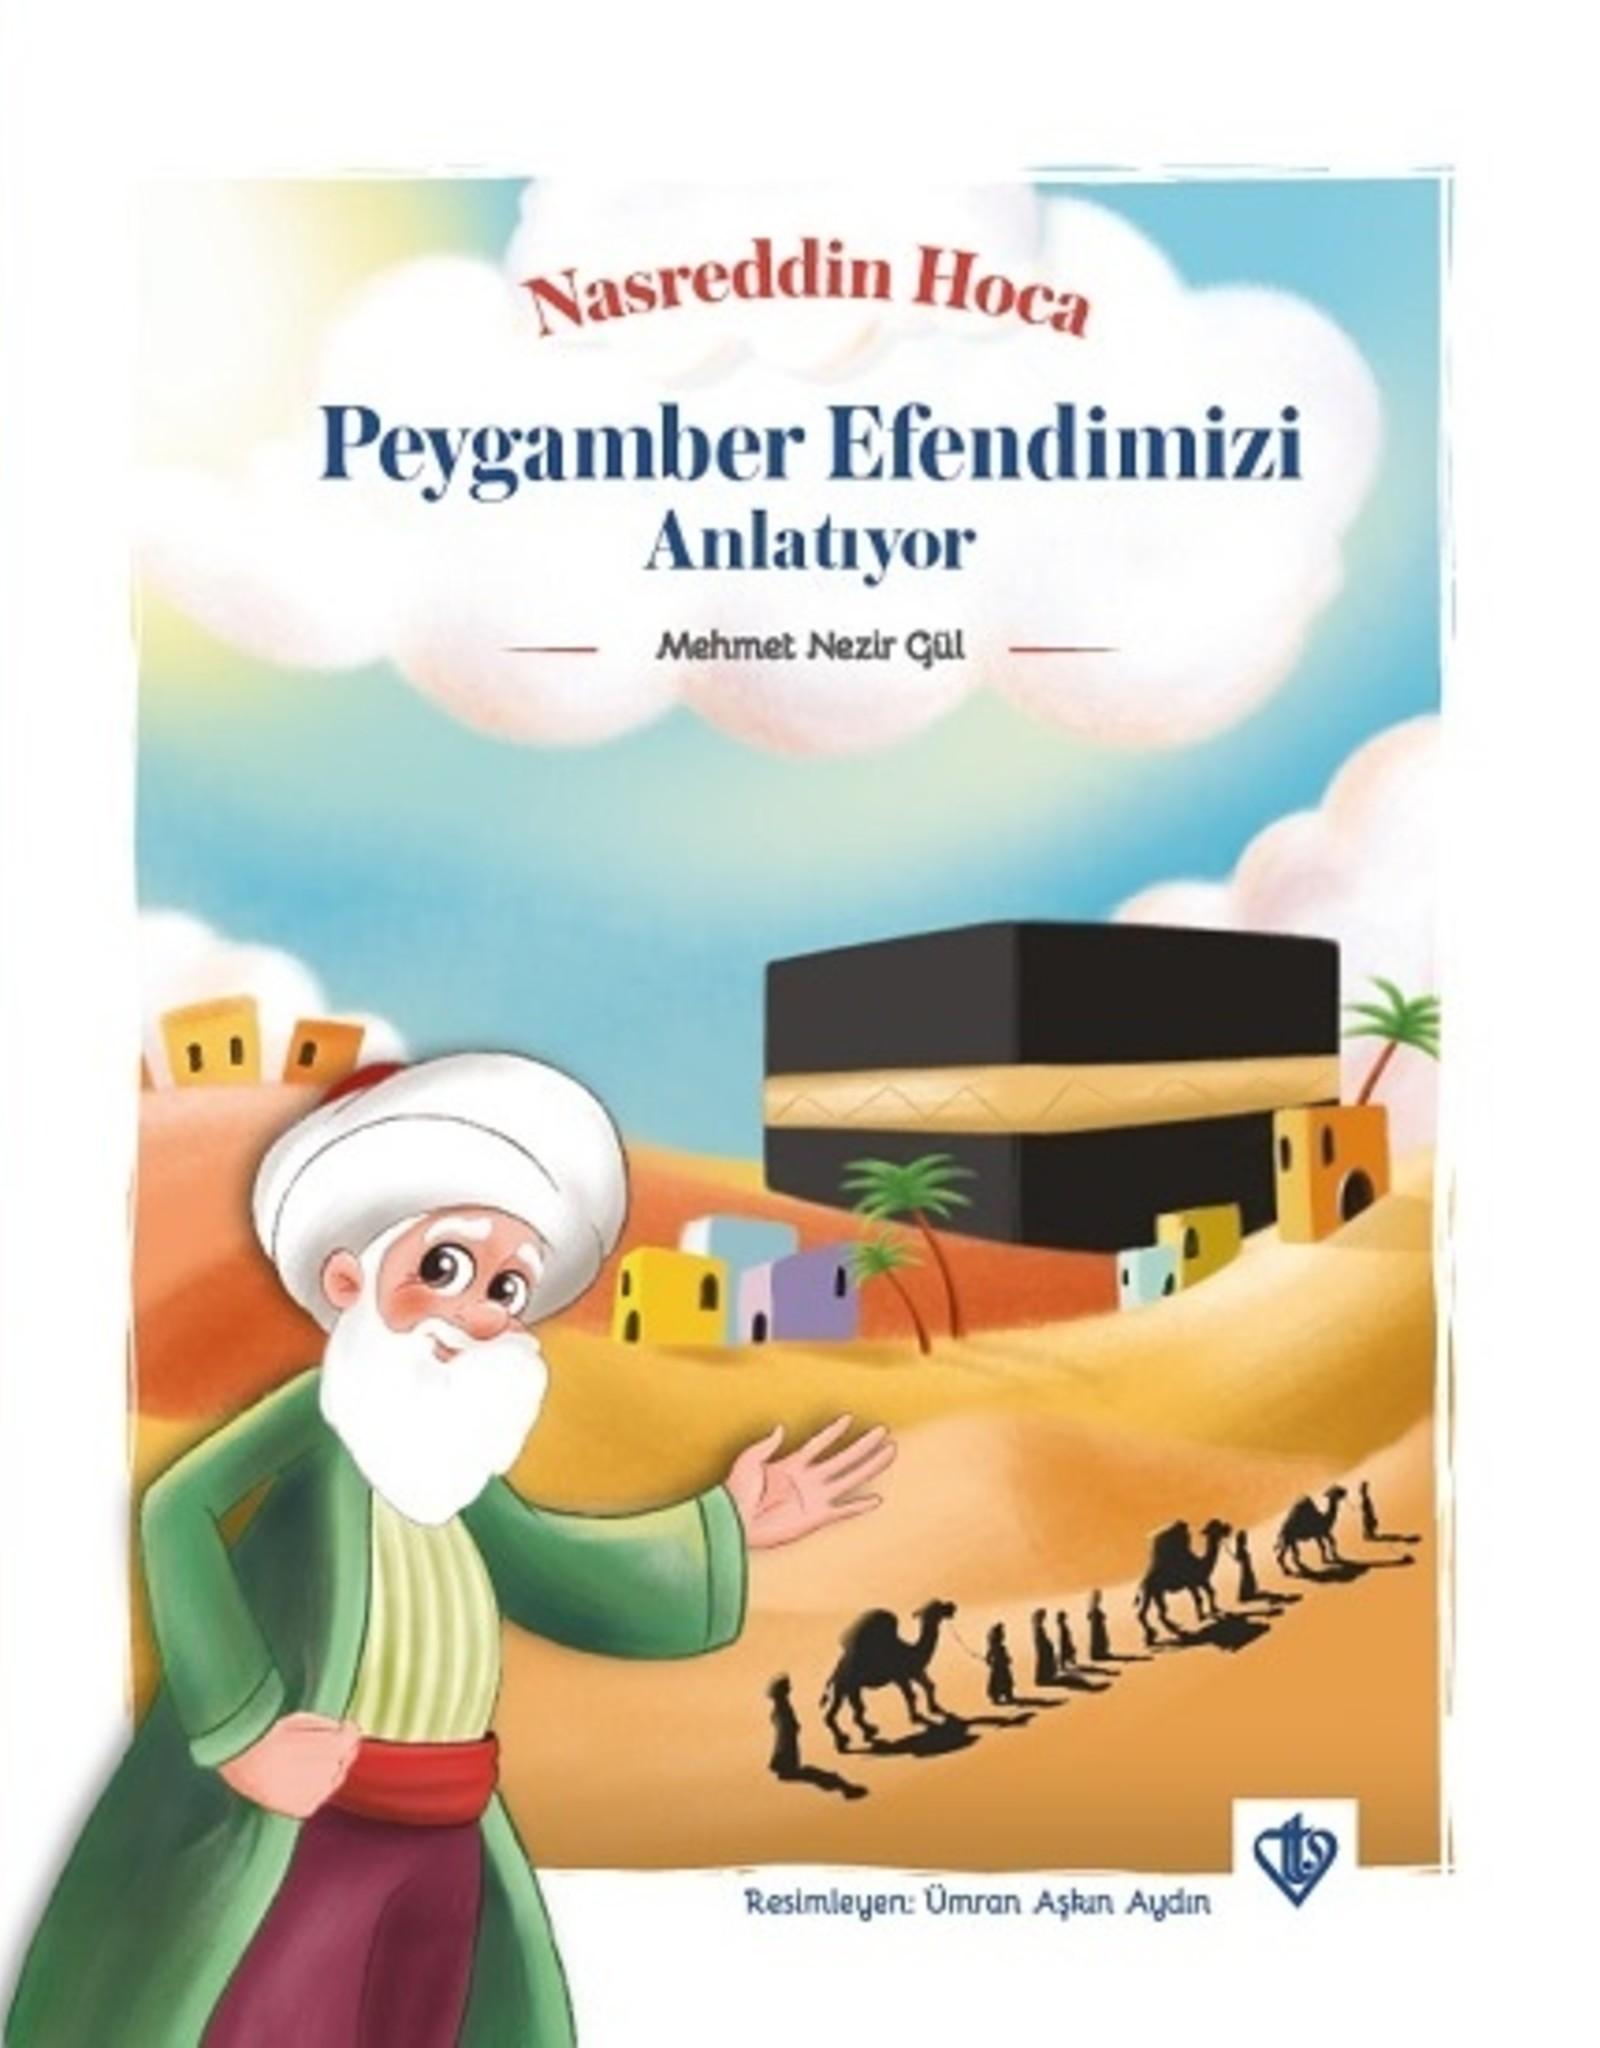 Nasreddin Hoca Peygamber Efendimizi Anlatıyor